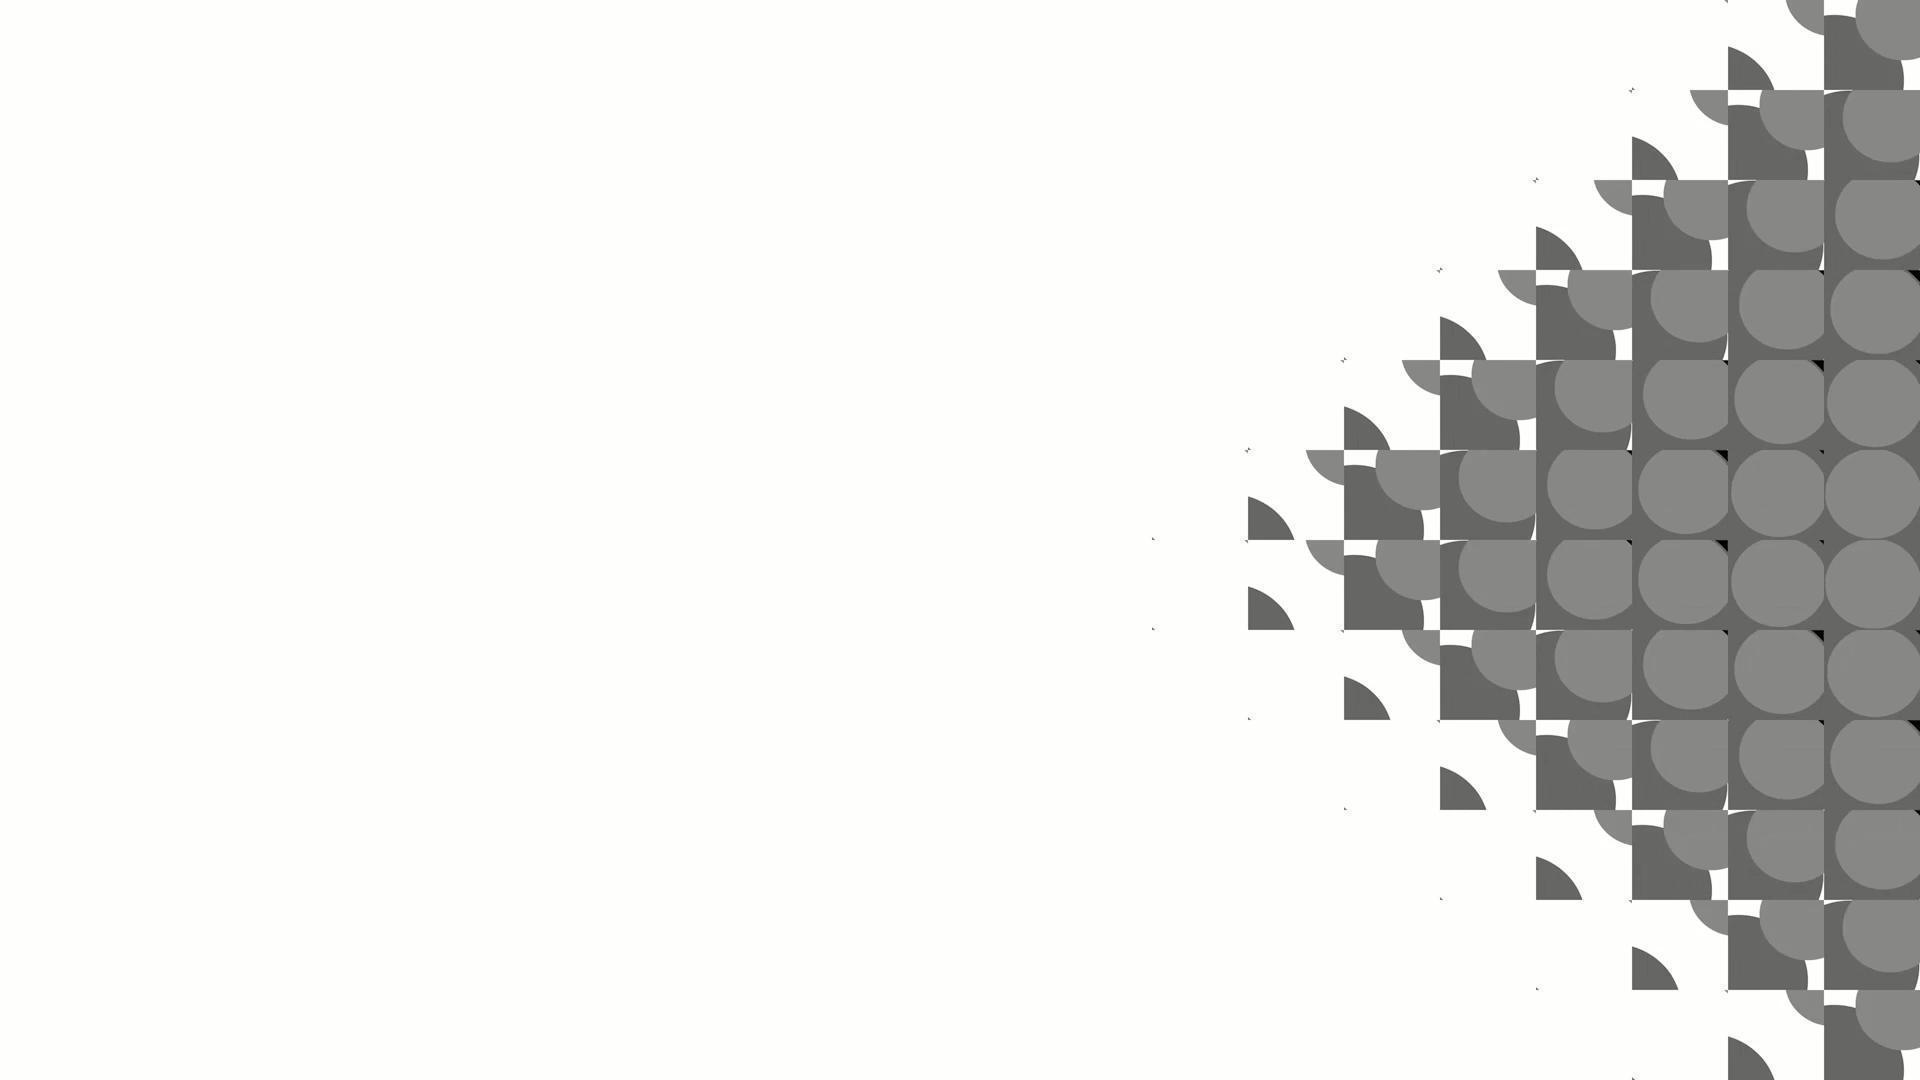 几何圆过渡素材16